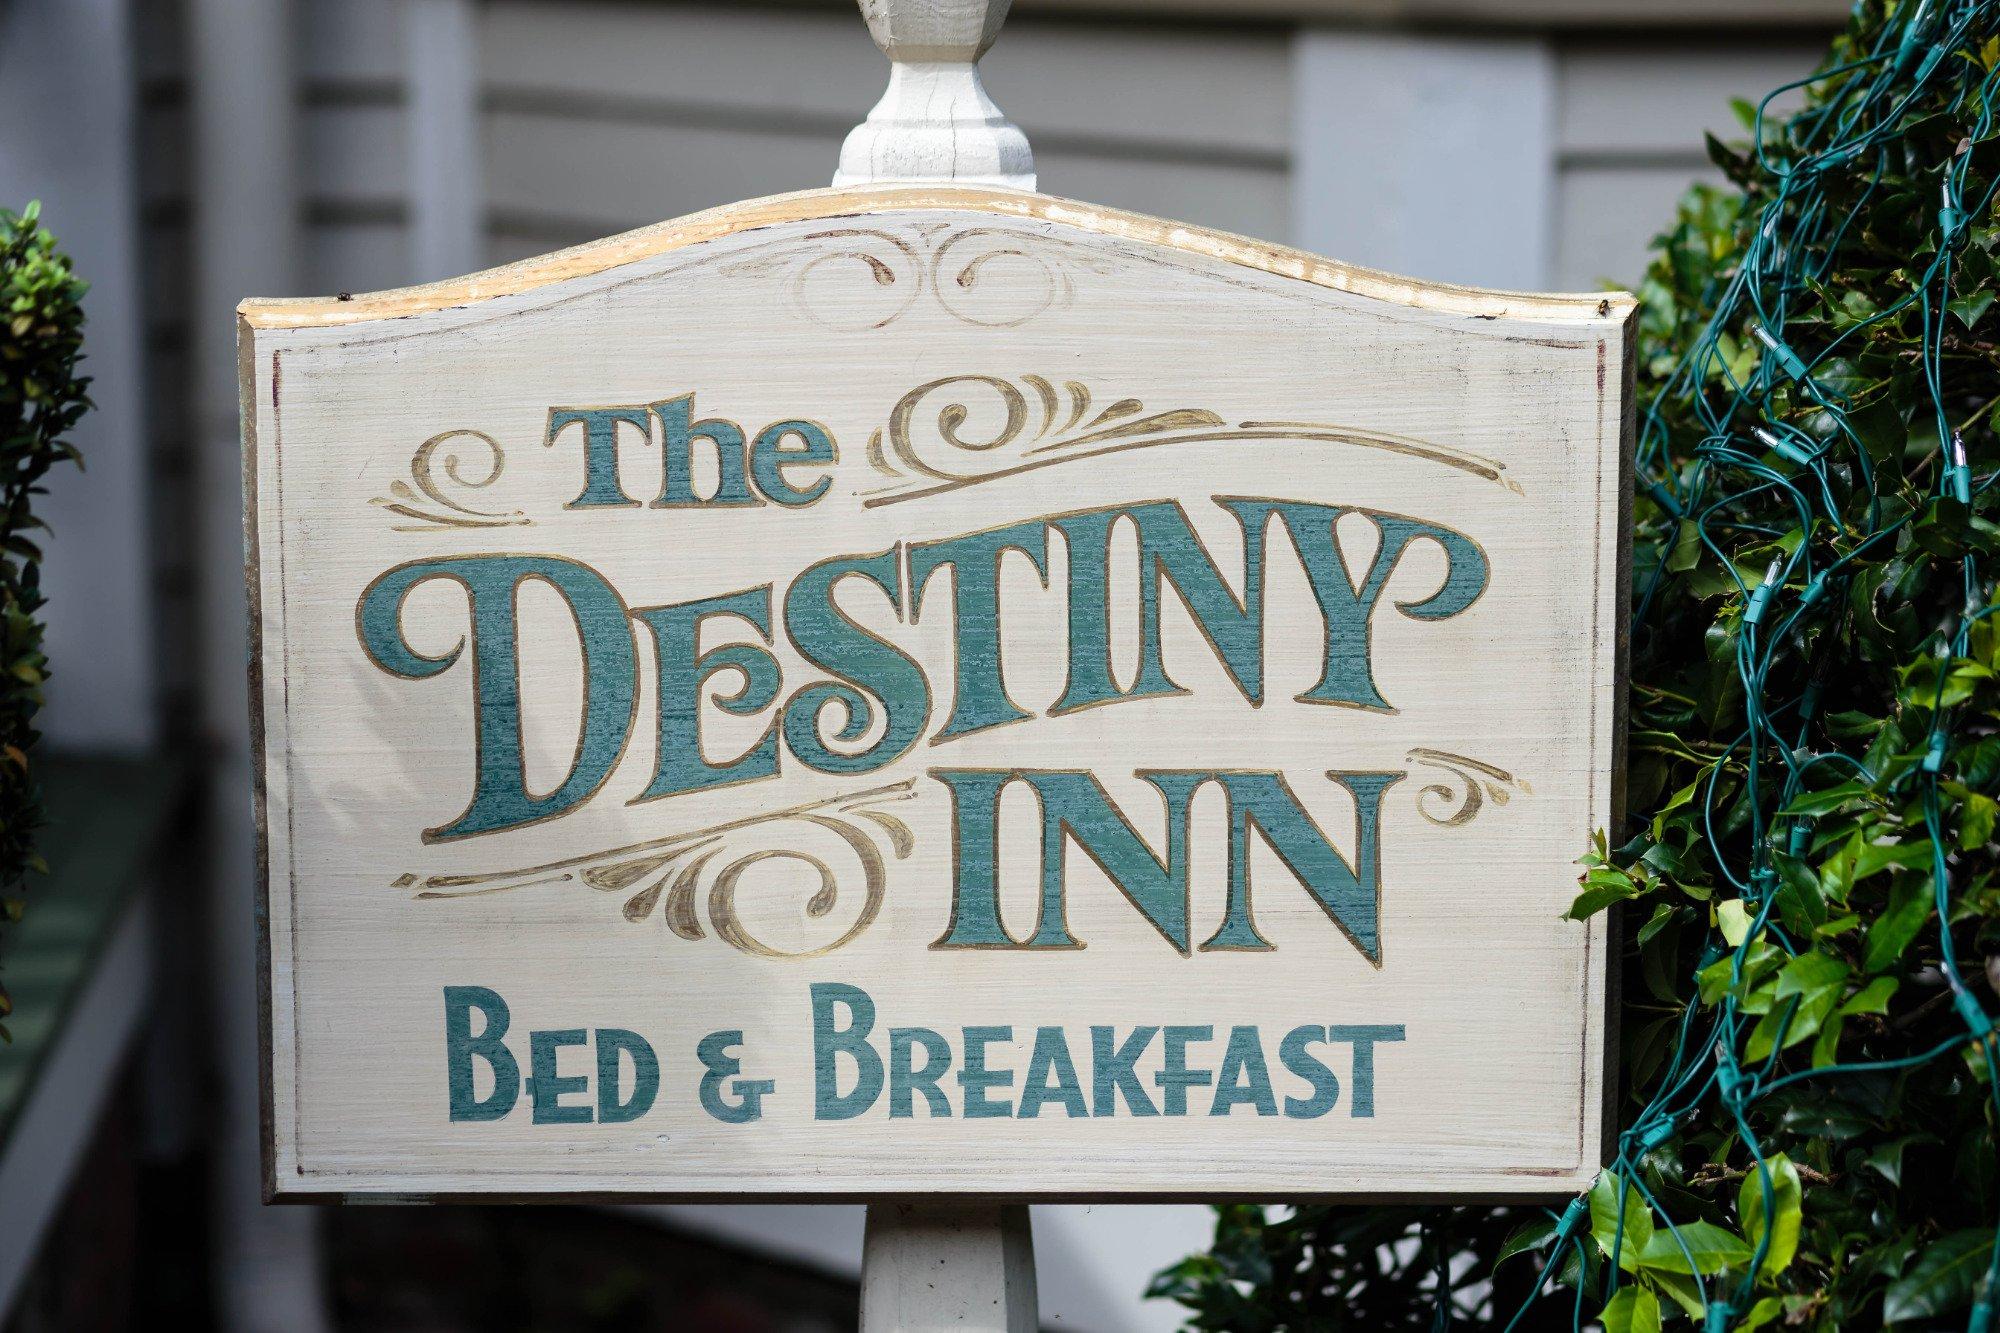 The Destiny Inn Bed & Breakfast